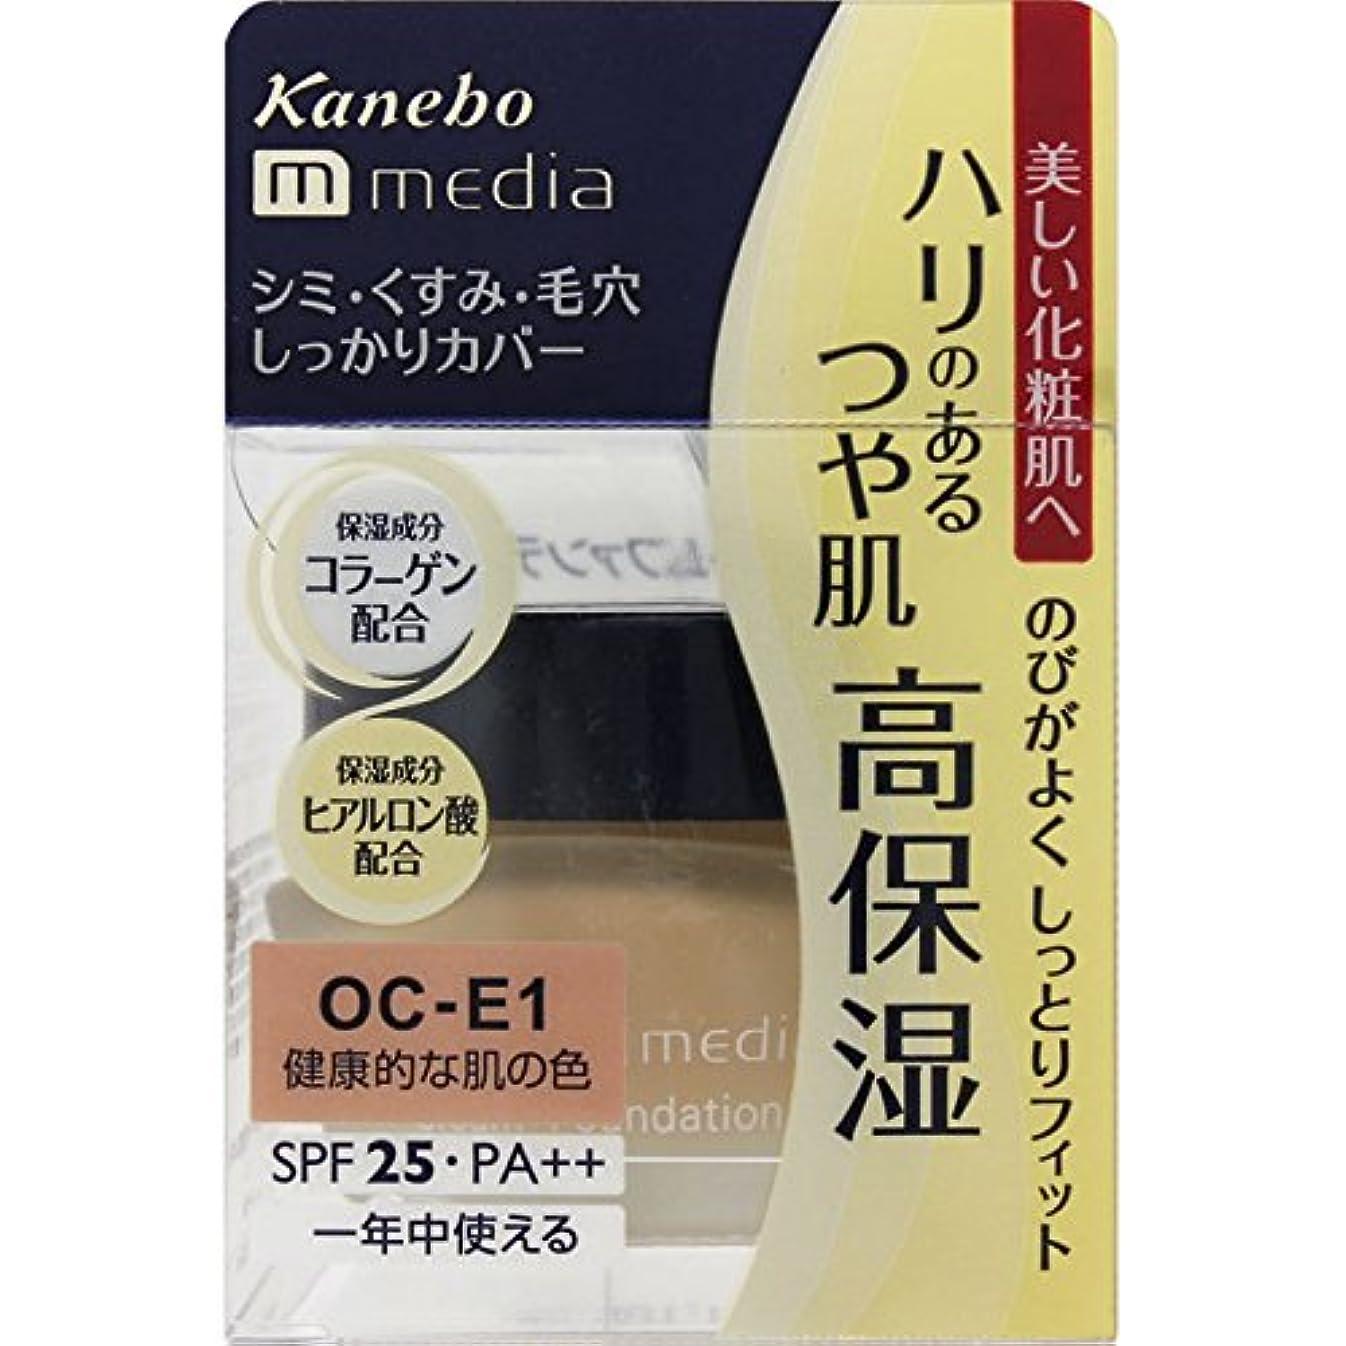 珍味アンタゴニストオーバーコートカネボウ media(メディア) クリームファンデーション OC-E1(健康的な肌の色)